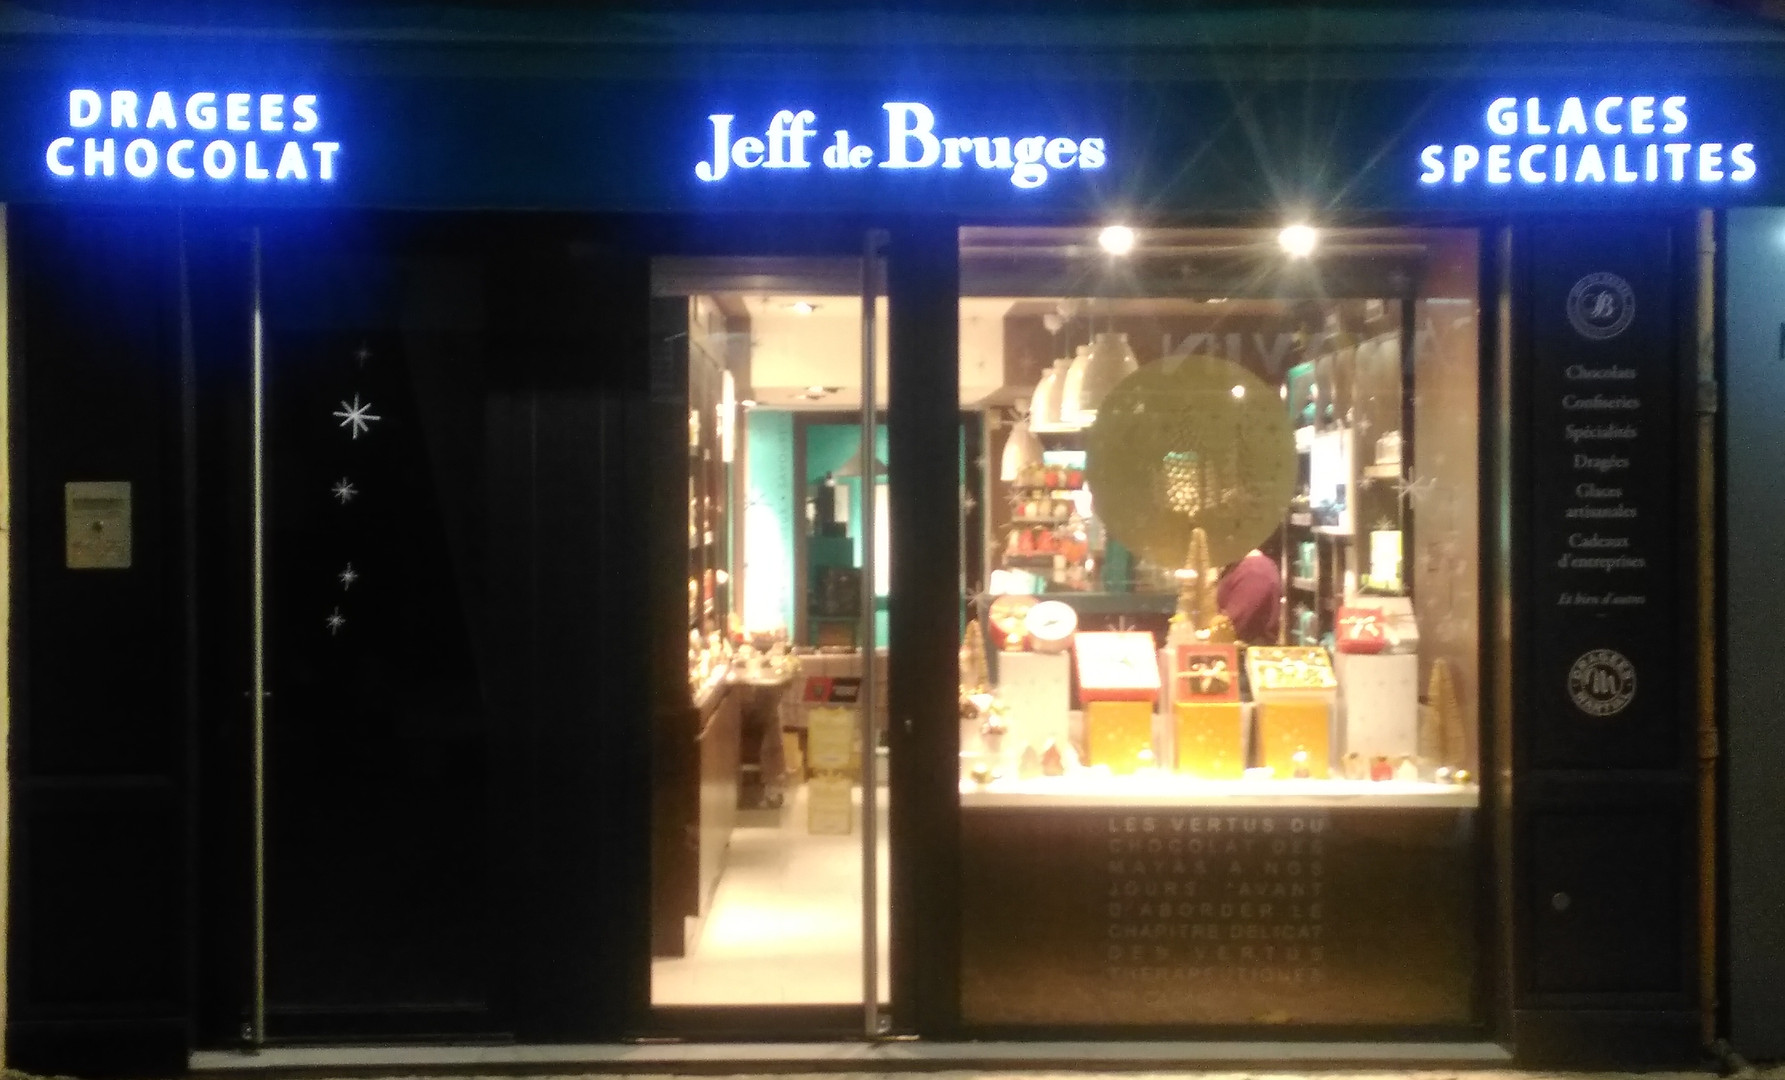 Lambrequin Lumineux LED pour JEFF DE BRUGES St MAXIMIN